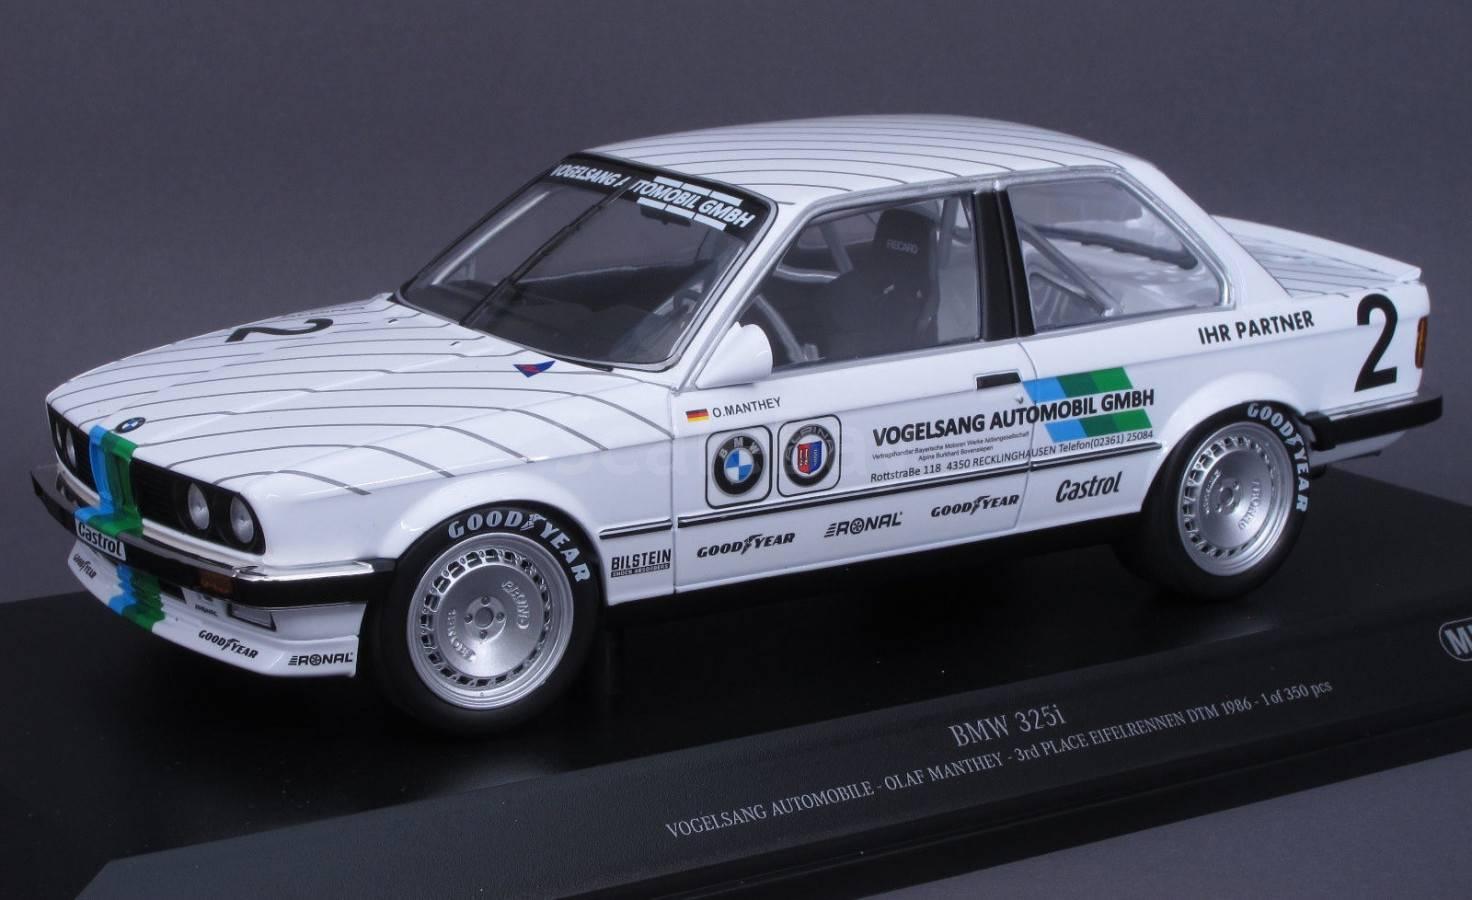 Bmw 325 Dtm 1986 гонки айфель Minichamps 118 аукцион масштабных и